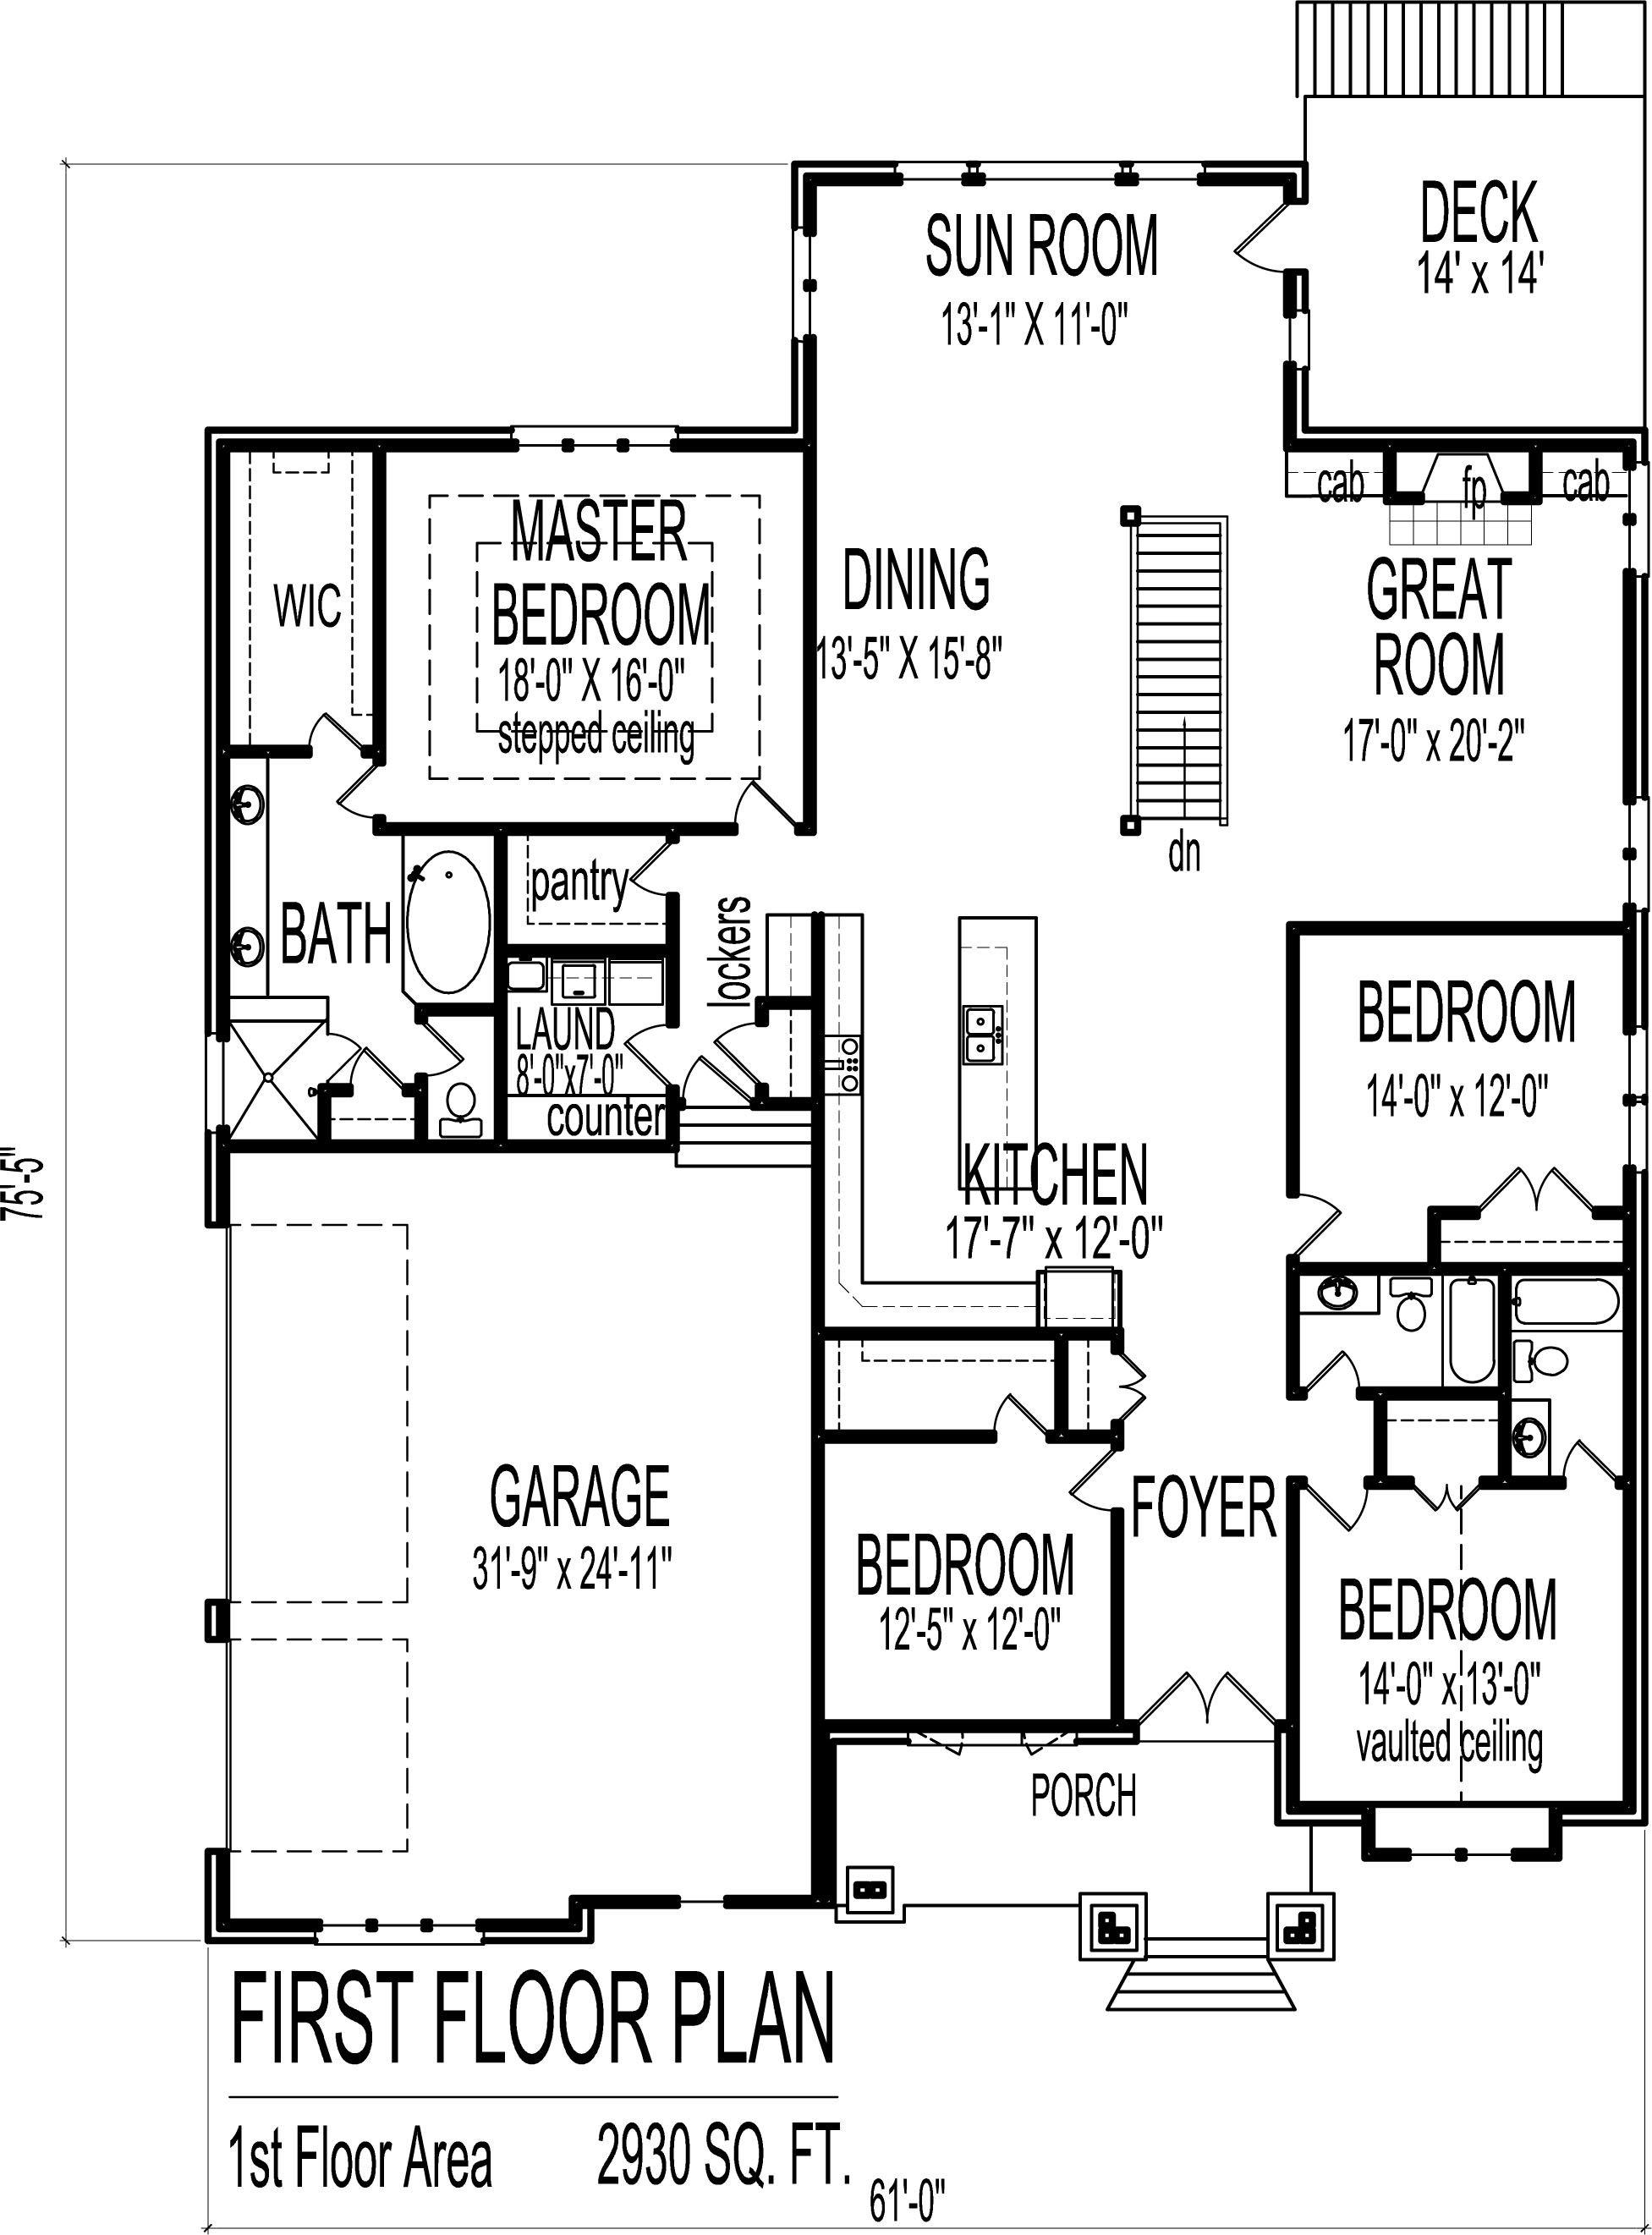 4 Bedroom Luxury Bungalow House Floor Plans Architectural Design 1 Story Bungalow House Floor Plans Bedroom House Plans House Plans